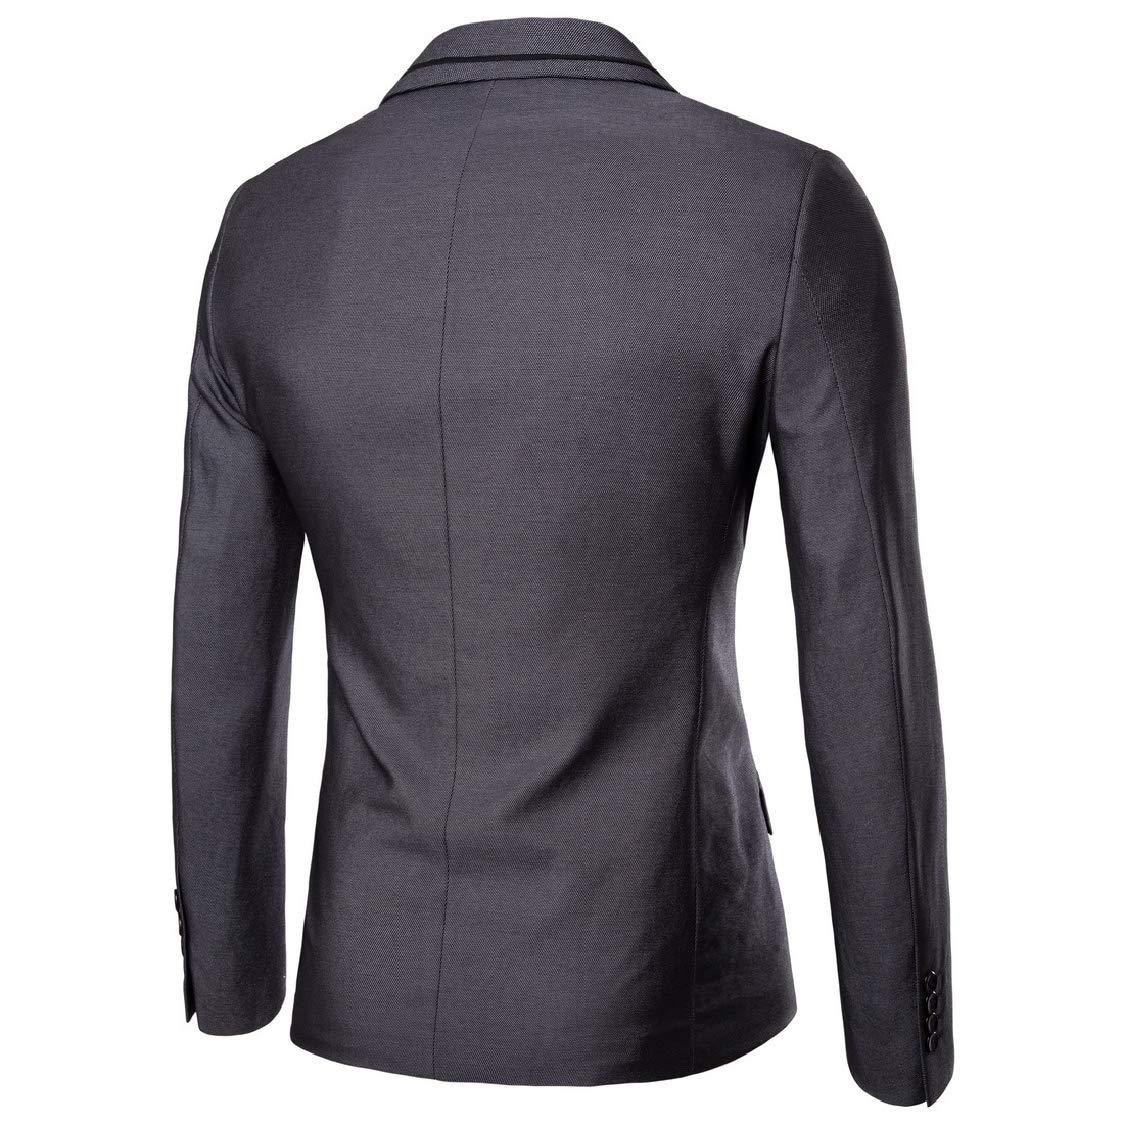 SELX Men Single Button Suit Coat /& Pants Tuxedo Wedding Party 2-Piece Suit